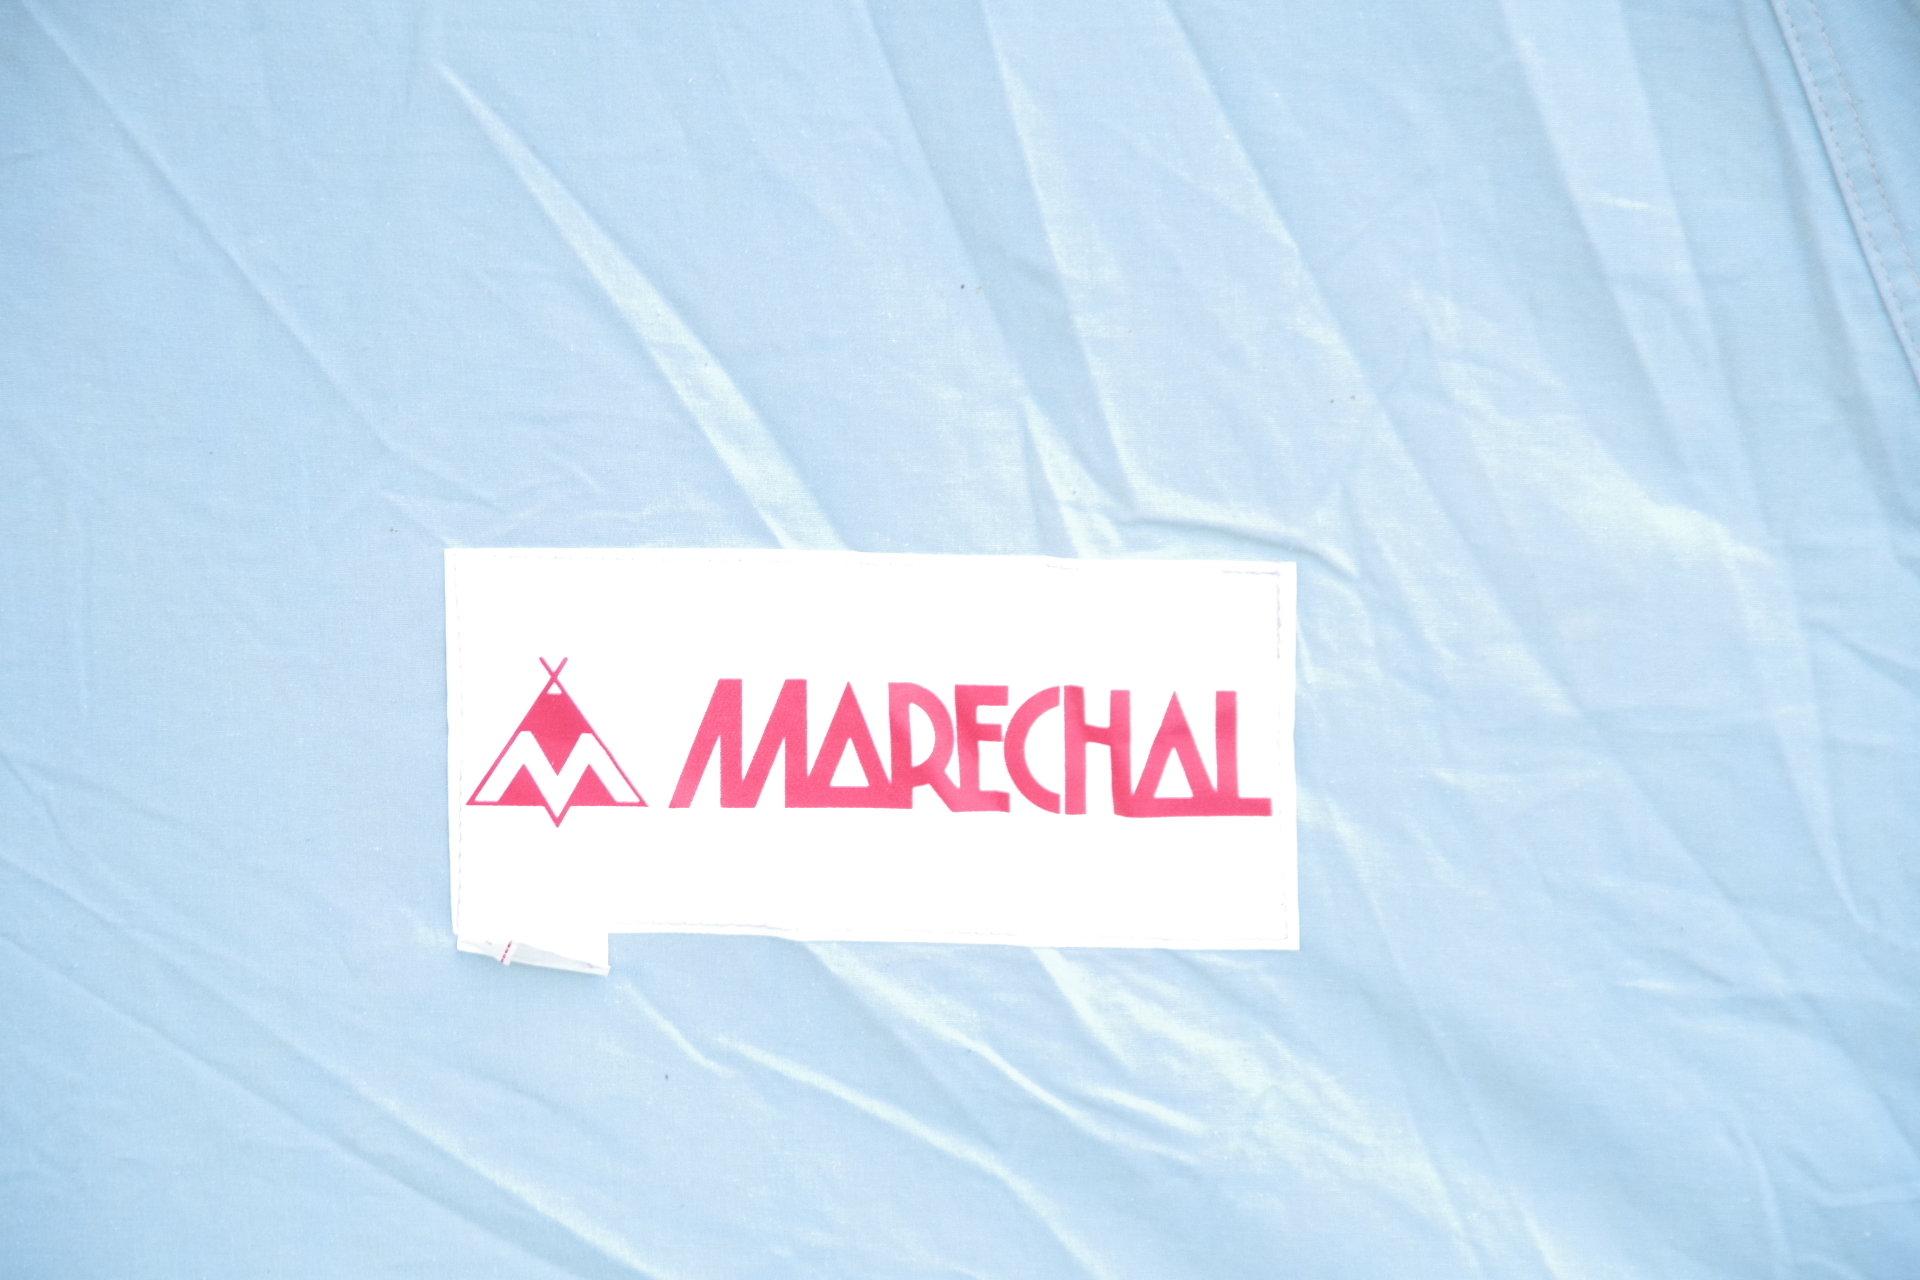 マルシャル ビアリッツ4 ロッジテント 4人用 ストライプ ヴィンテージ幕 フレームテント Marechal